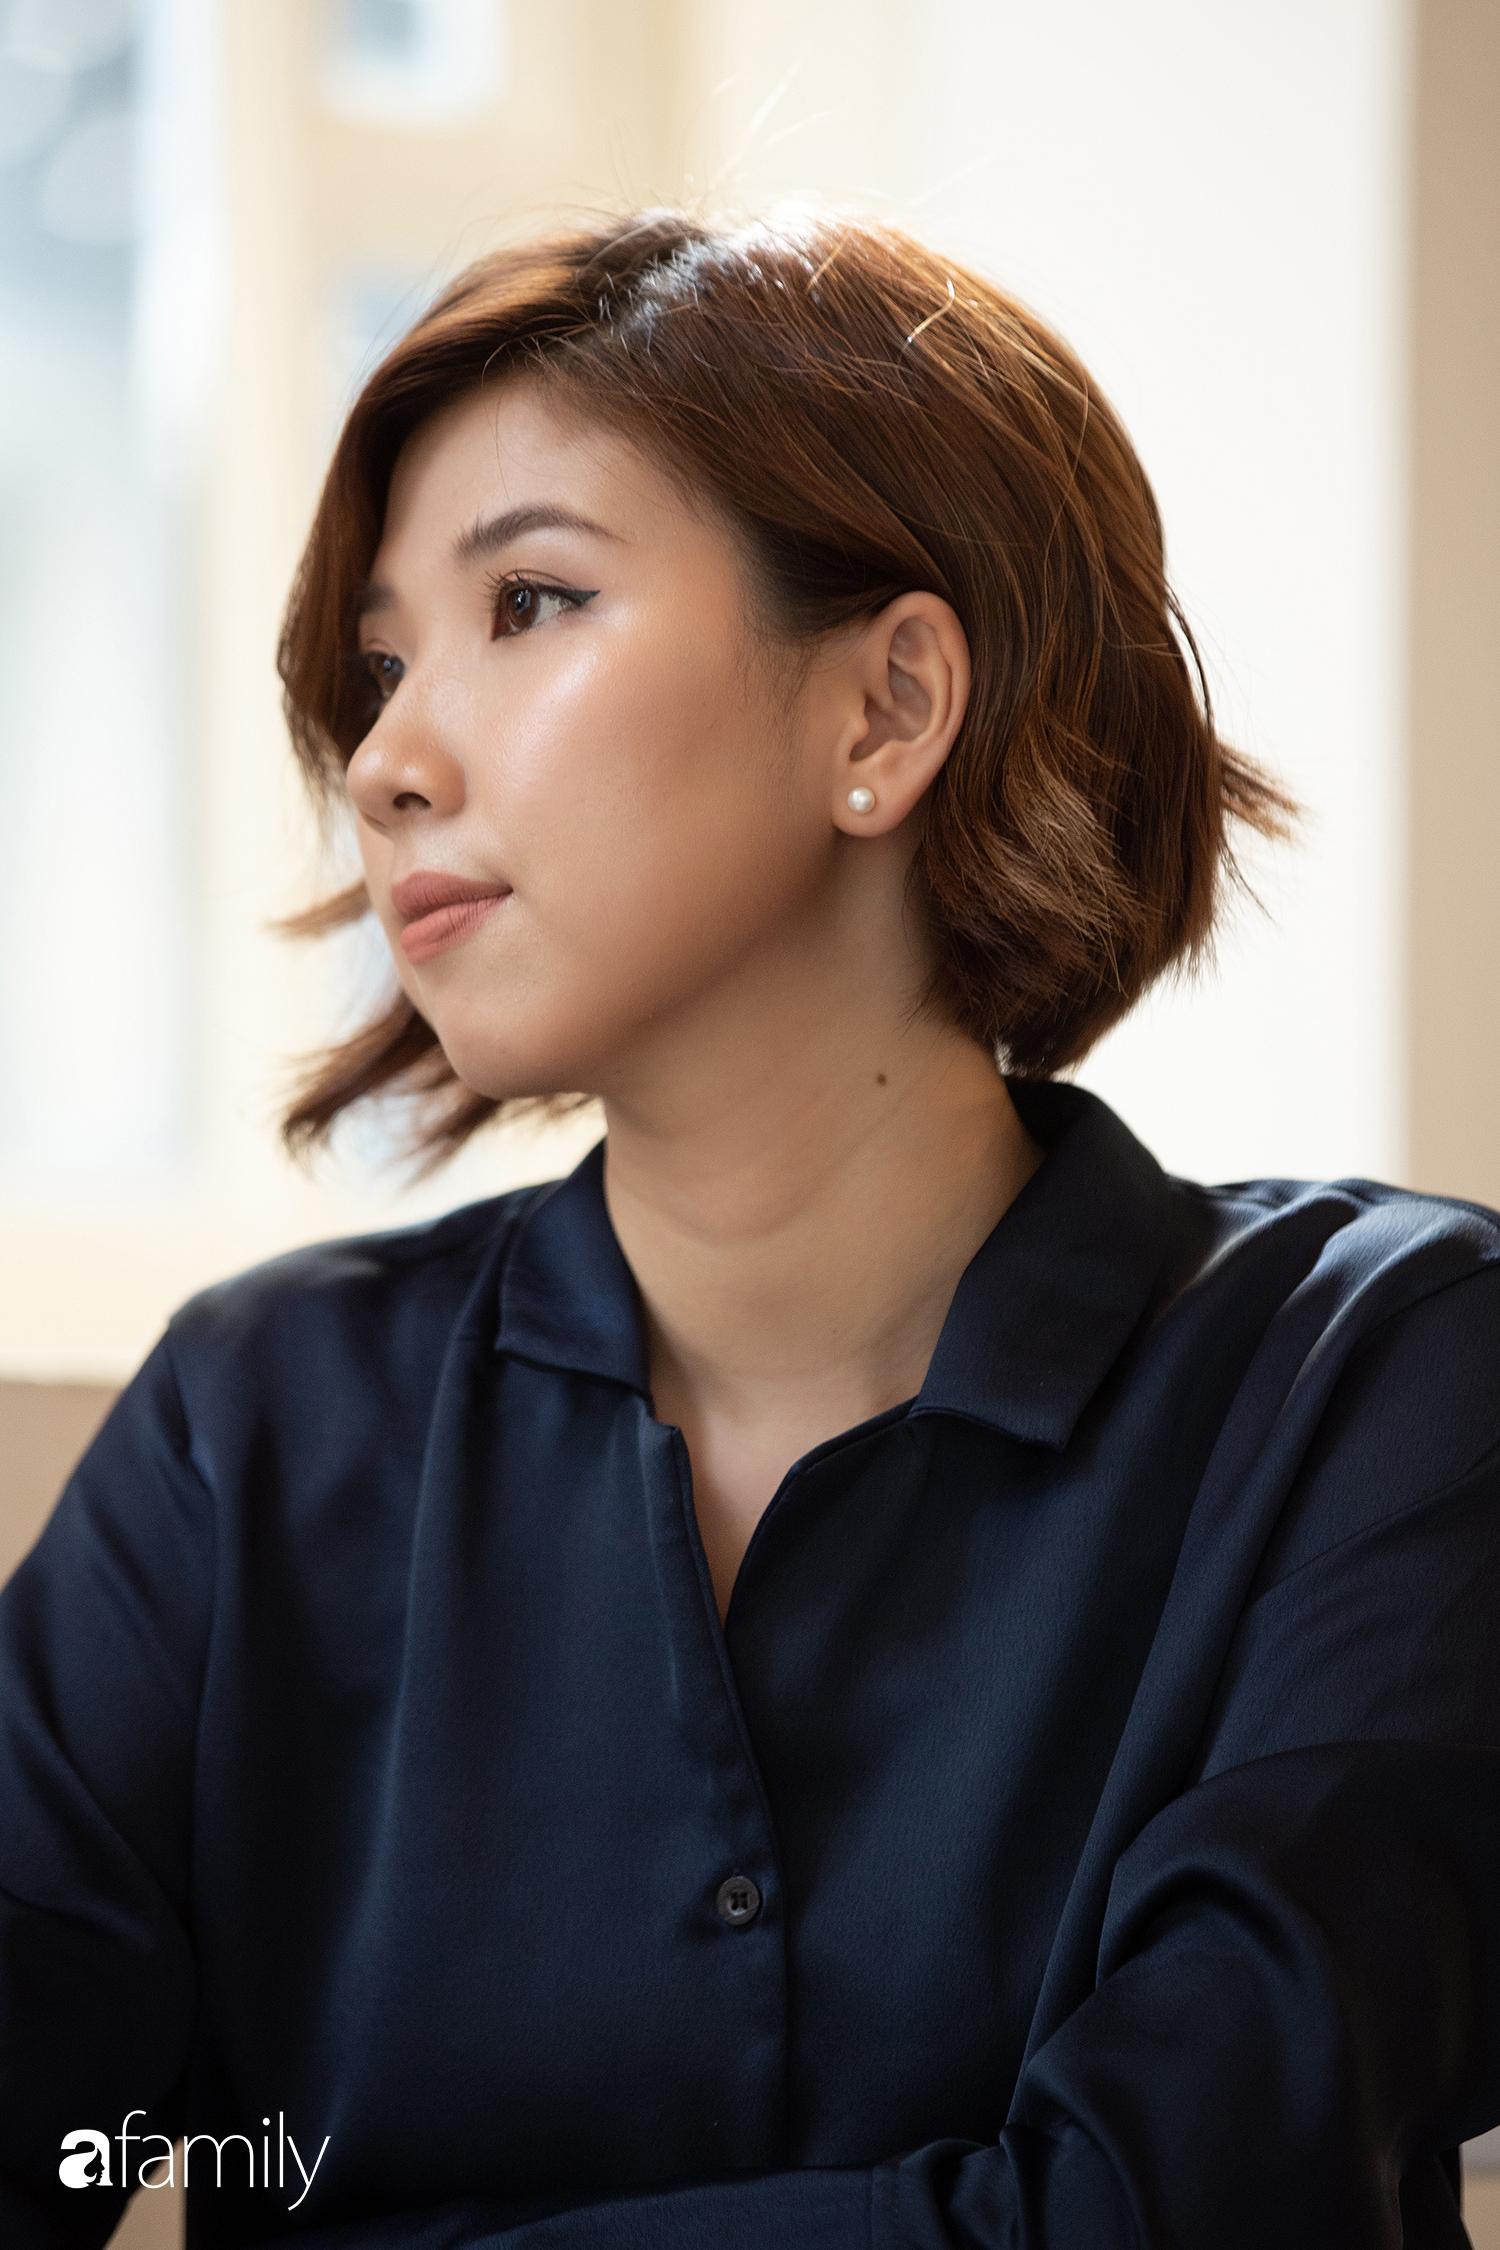 Rei Nguyễn - Nghệ sĩ nước hoa người Việt đầu tiên tổ chức triển lãm tại Nhật Bản, từ bỏ nghề Ngân hàng để được cháy hết mình trong thế giới mùi hương - Ảnh 17.